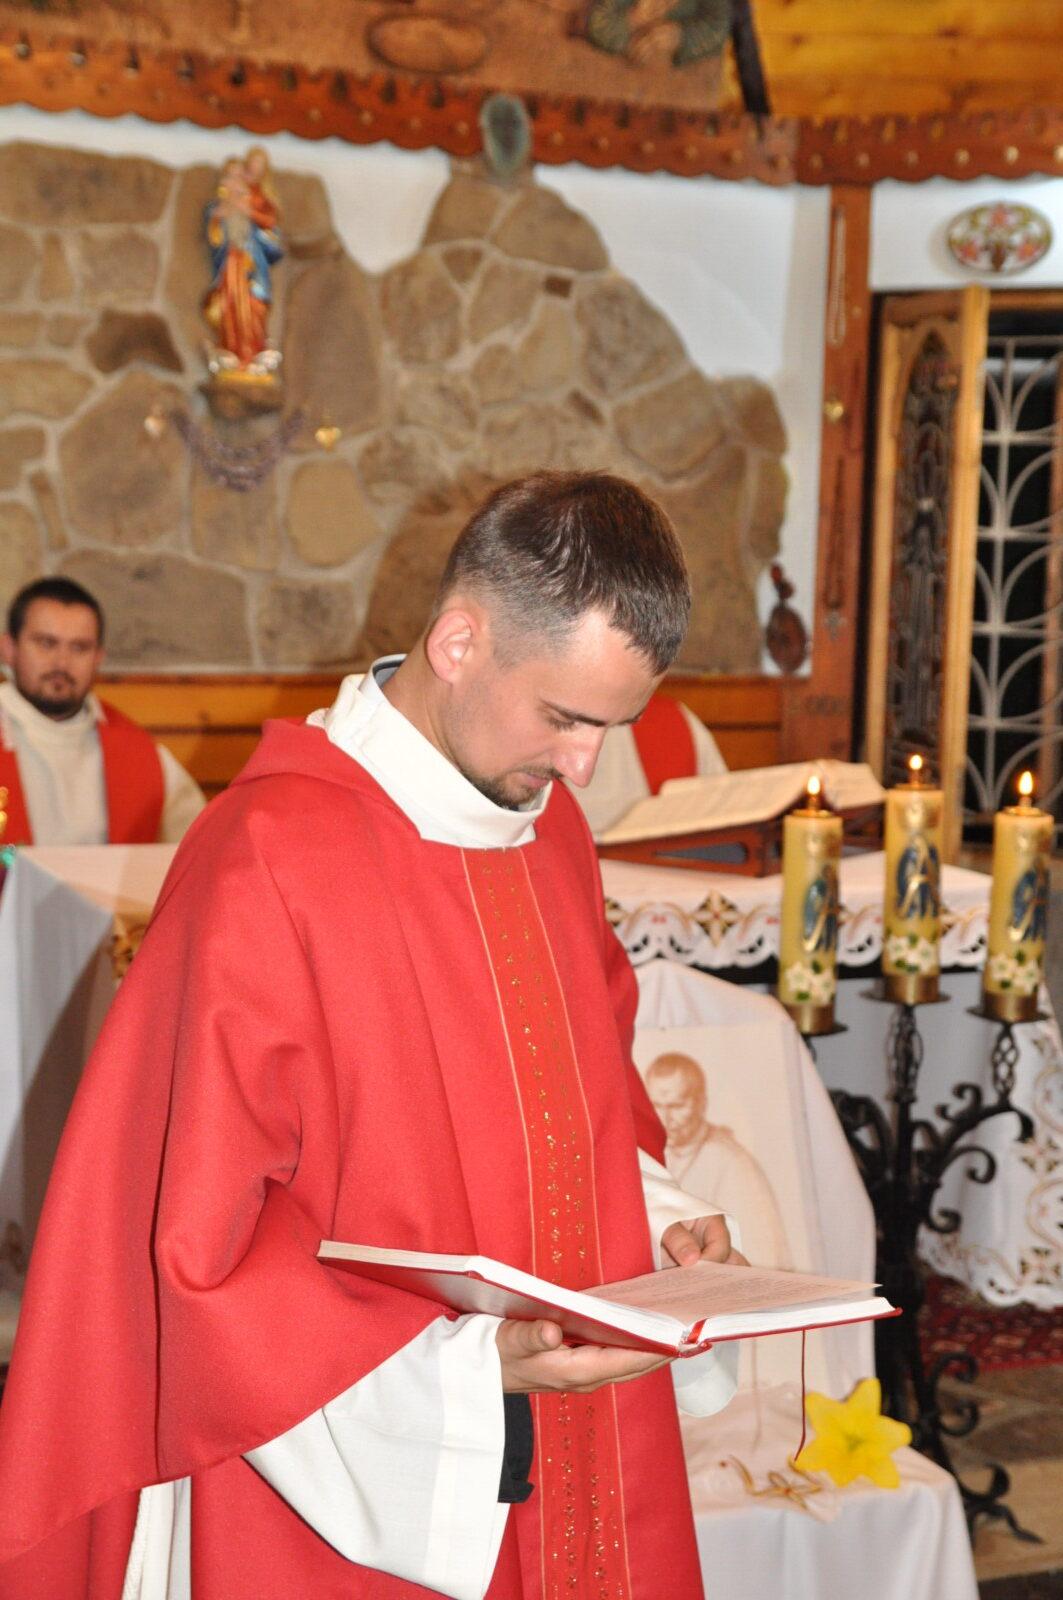 Rekolekcje powołaniowe Kościelisko 2017 (18)